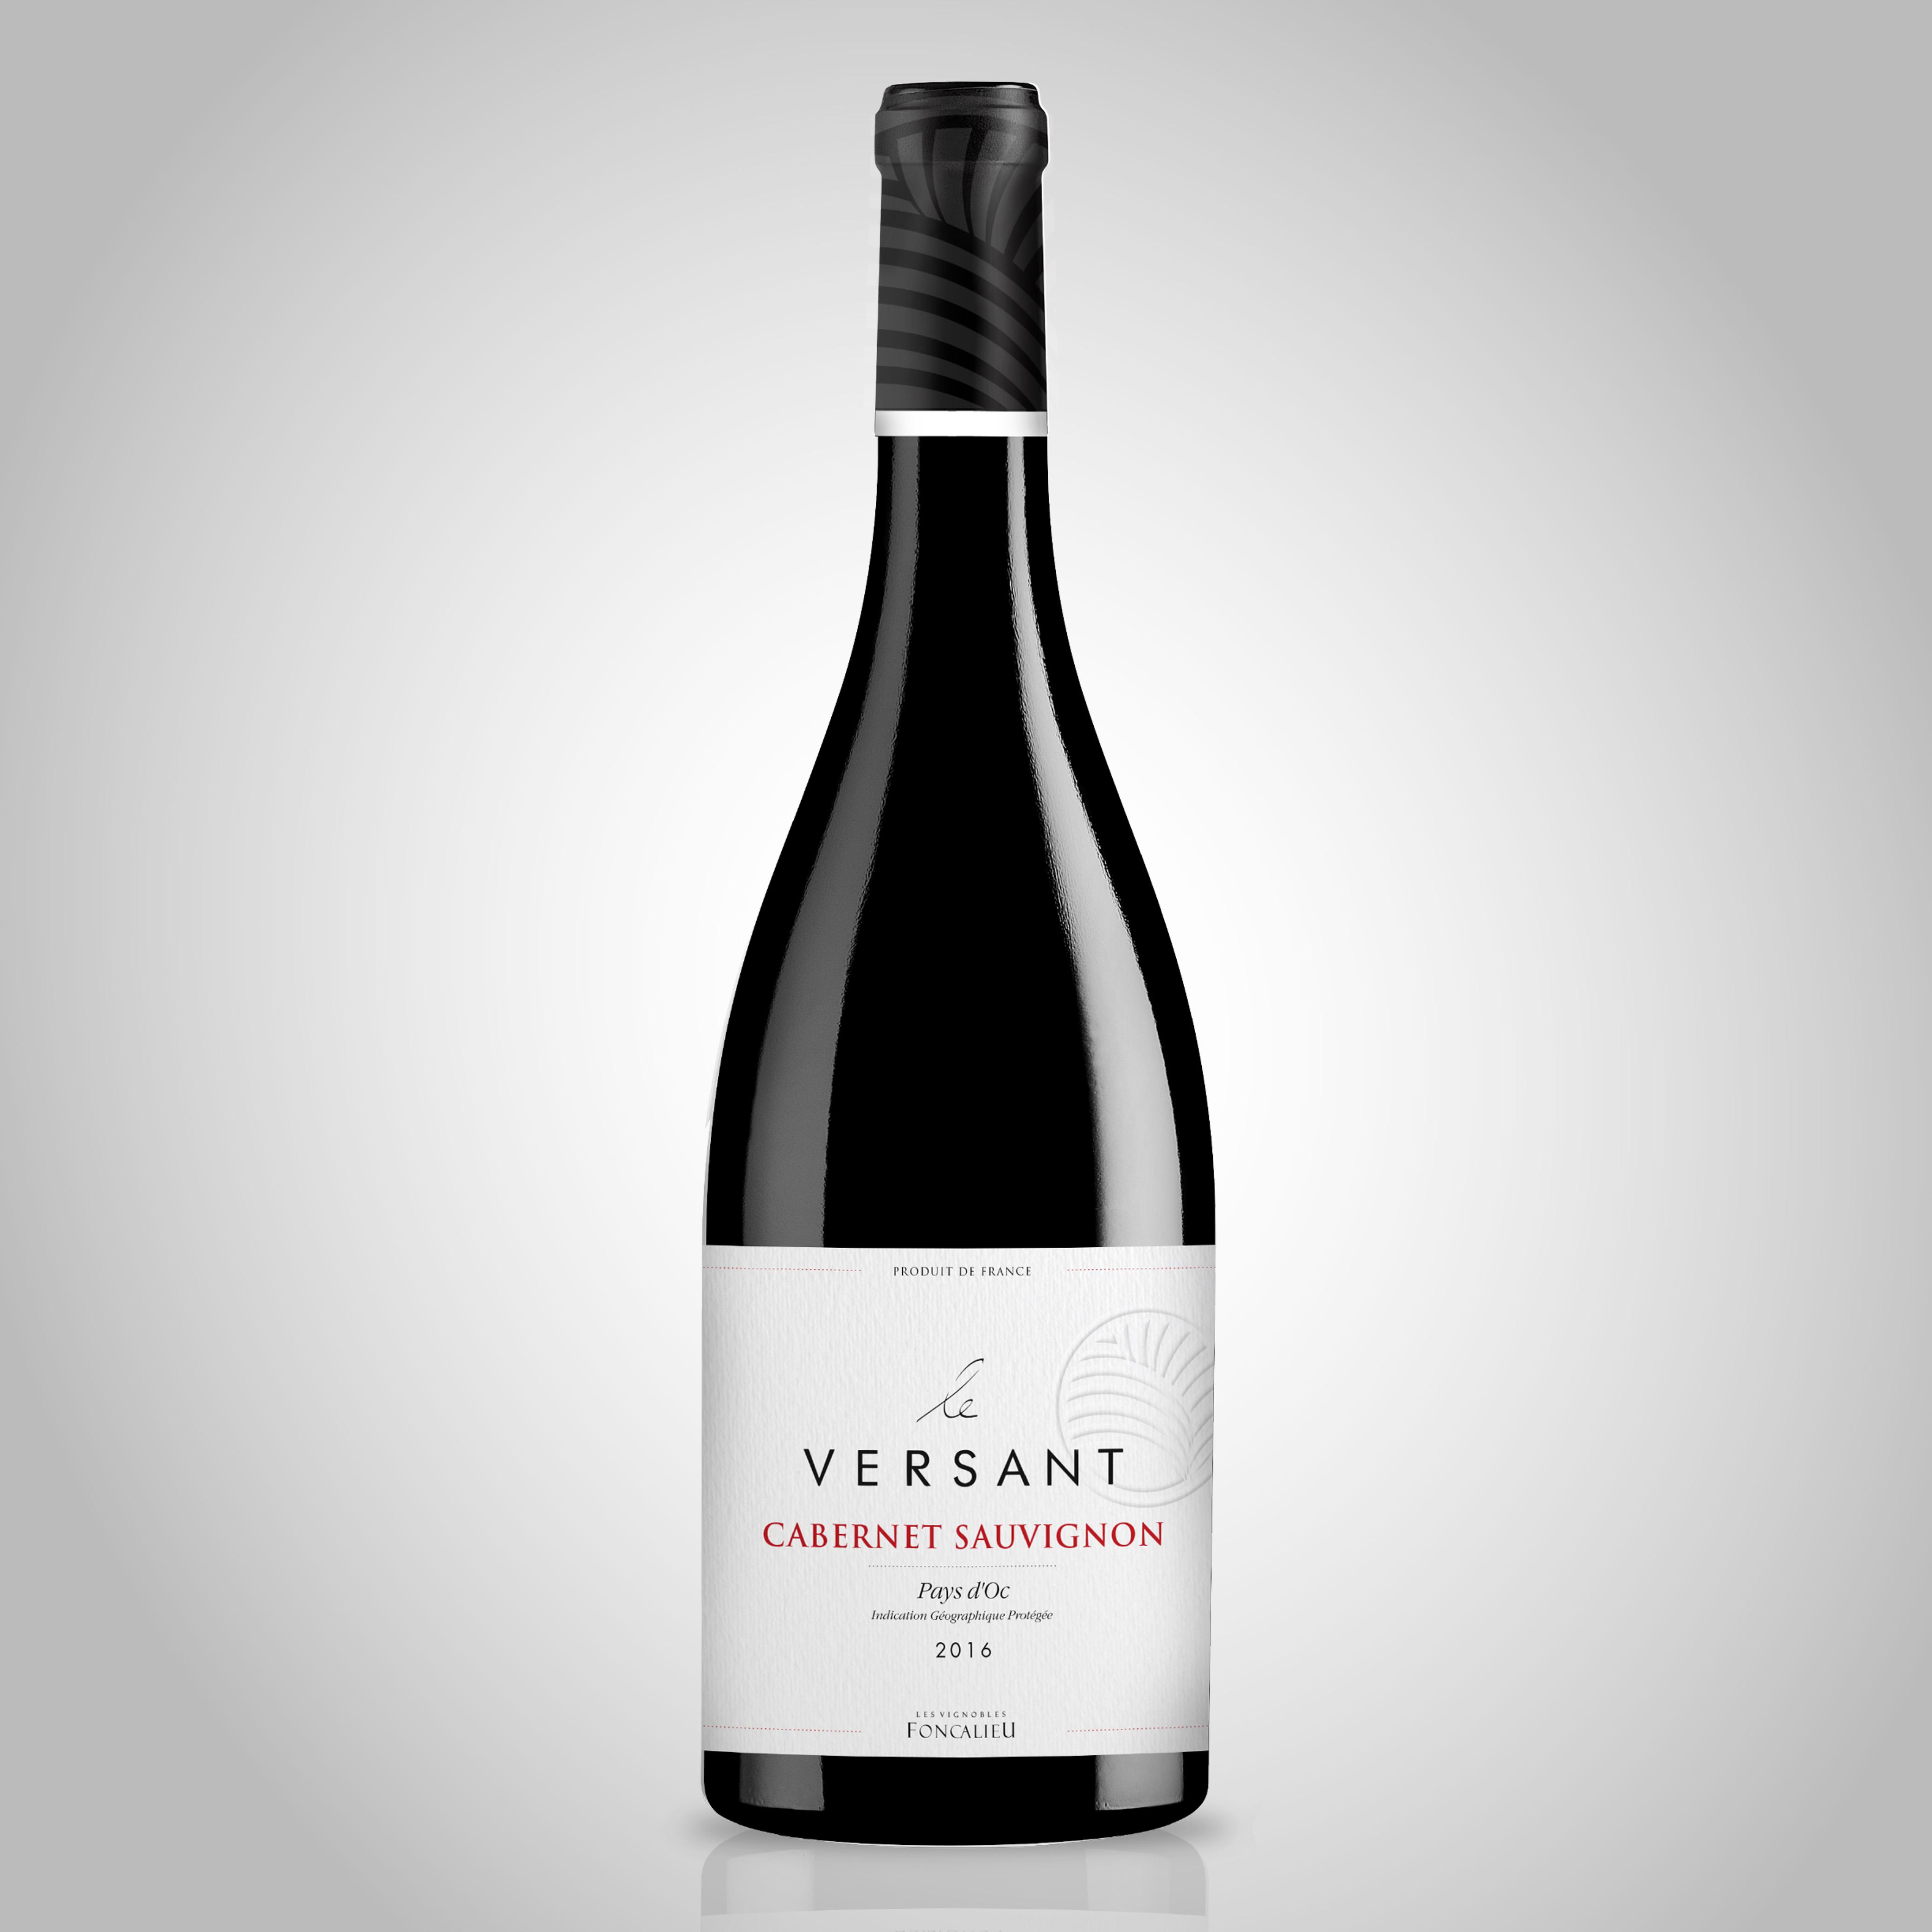 Le Versant Cabernet-Sauvignon - IGP Pays d'Oc